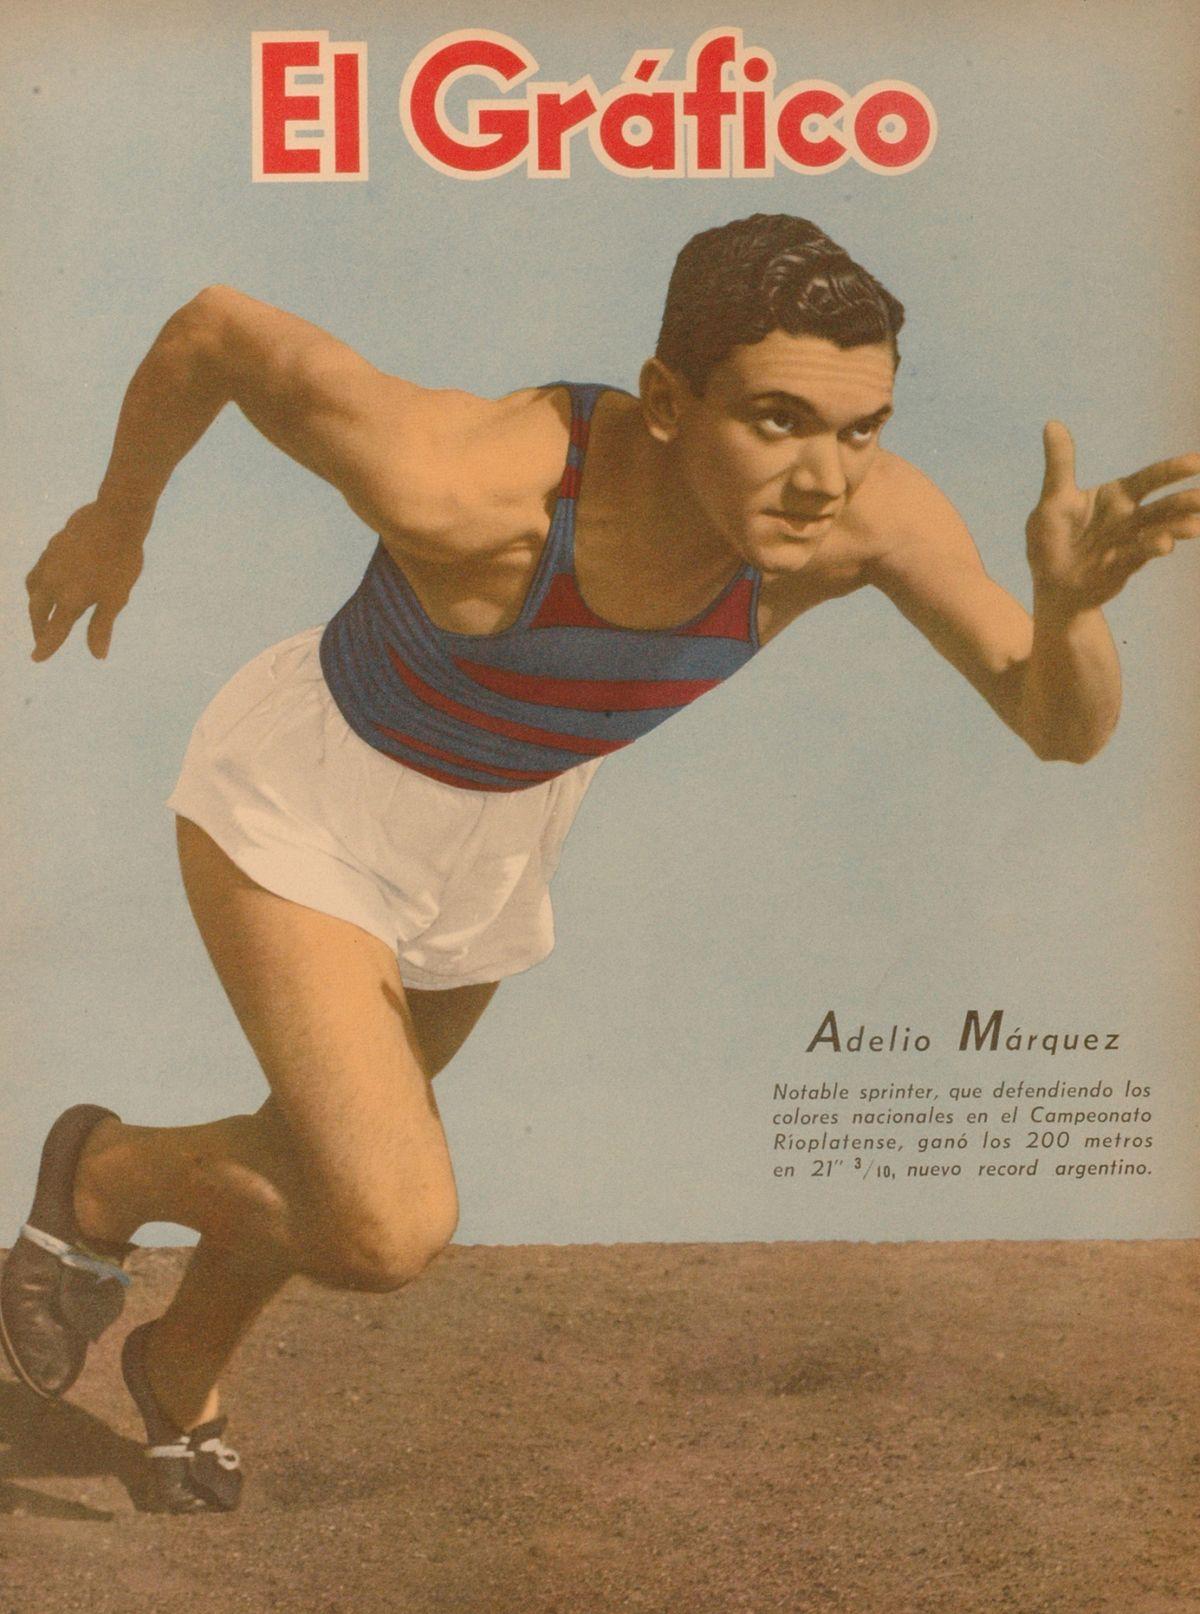 Adelio Márquez - Wikipedia, la enciclopedia libre